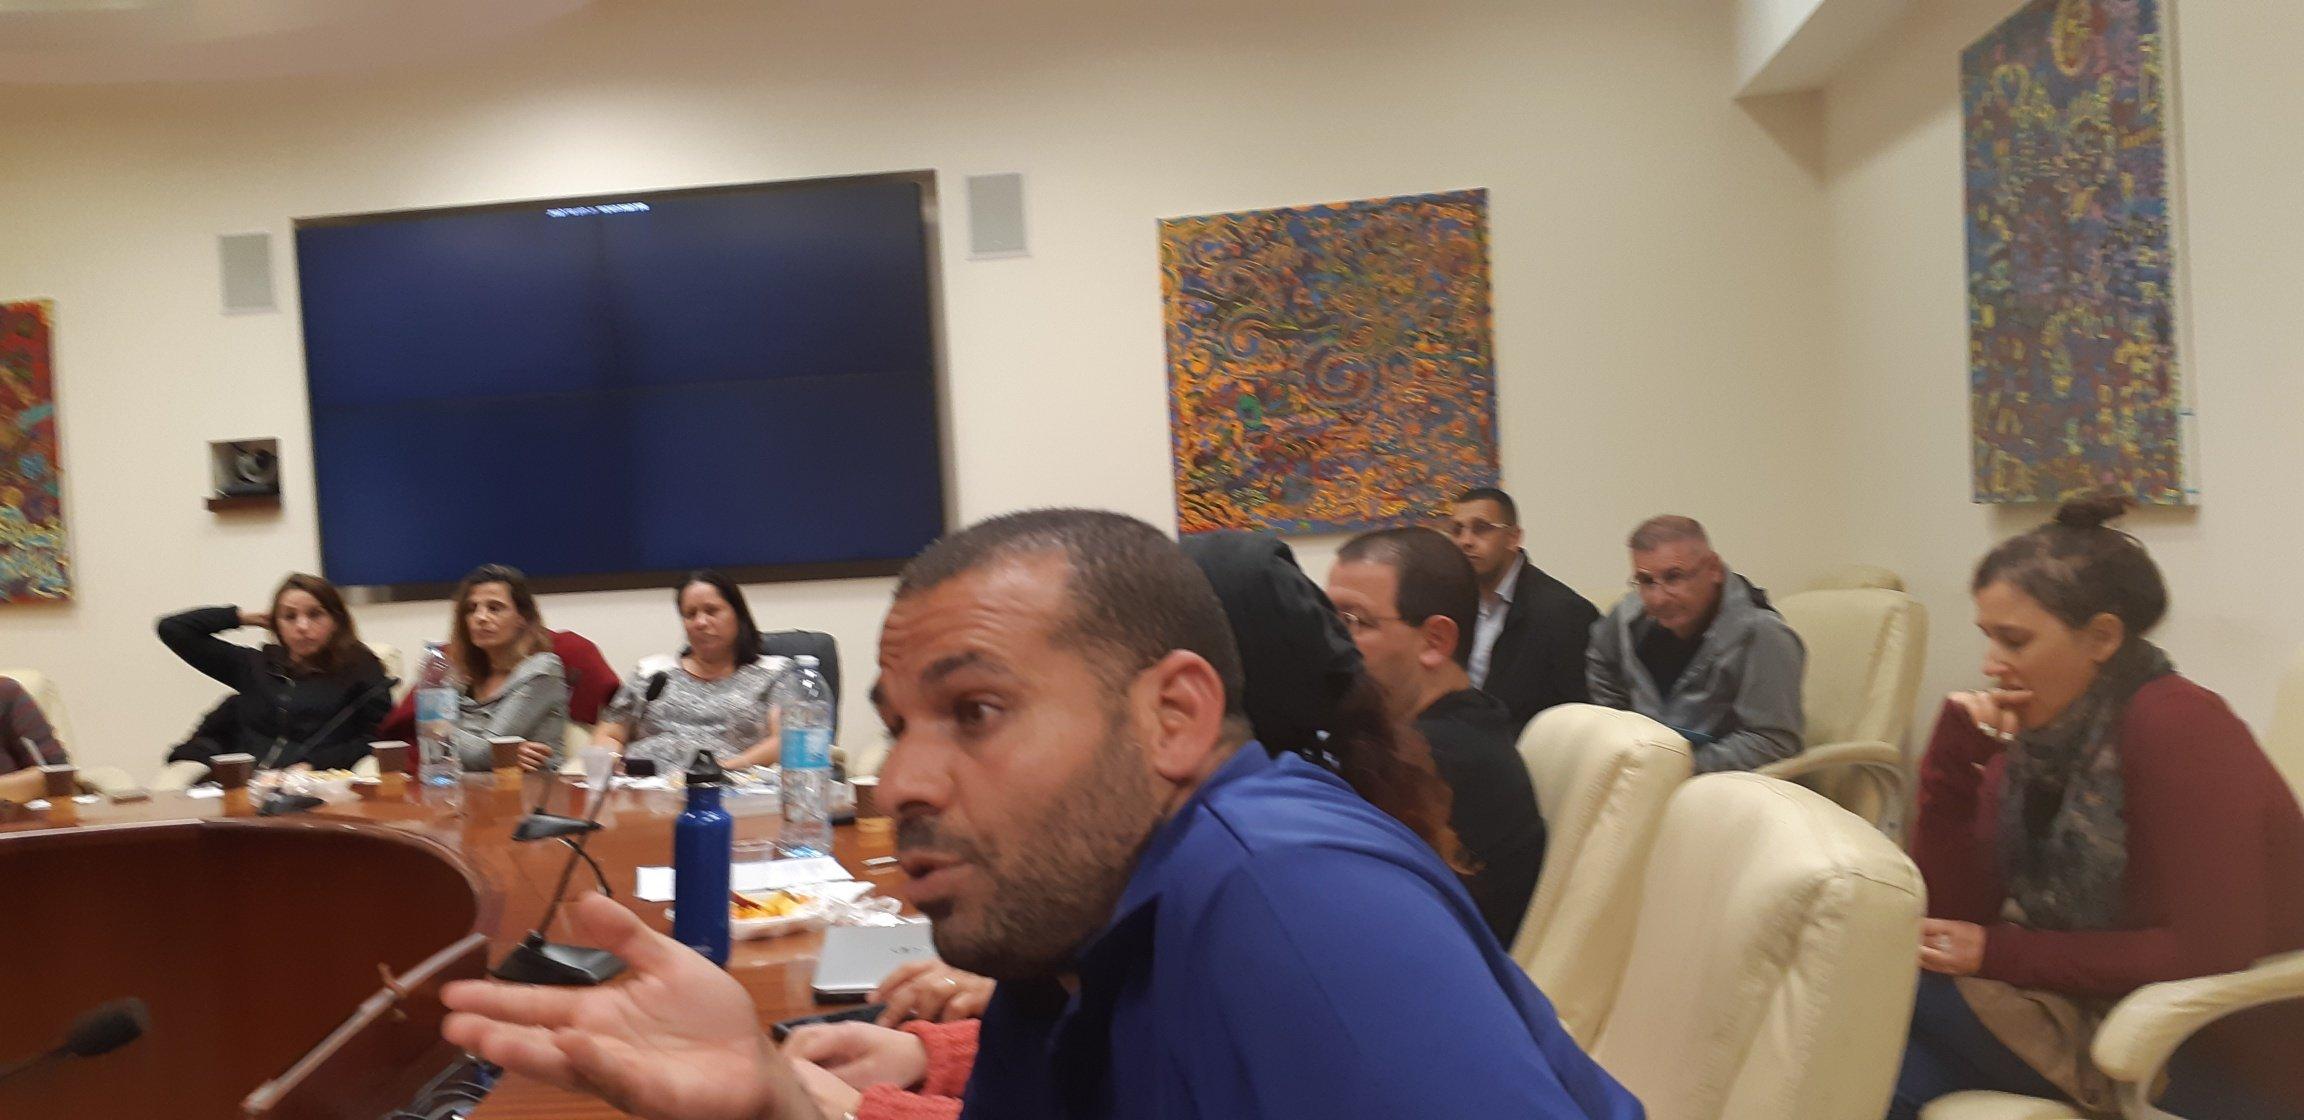 معلمون عرب يشاركون في لقاء معلمي المدنيات مع مدير عام وزارة التربية